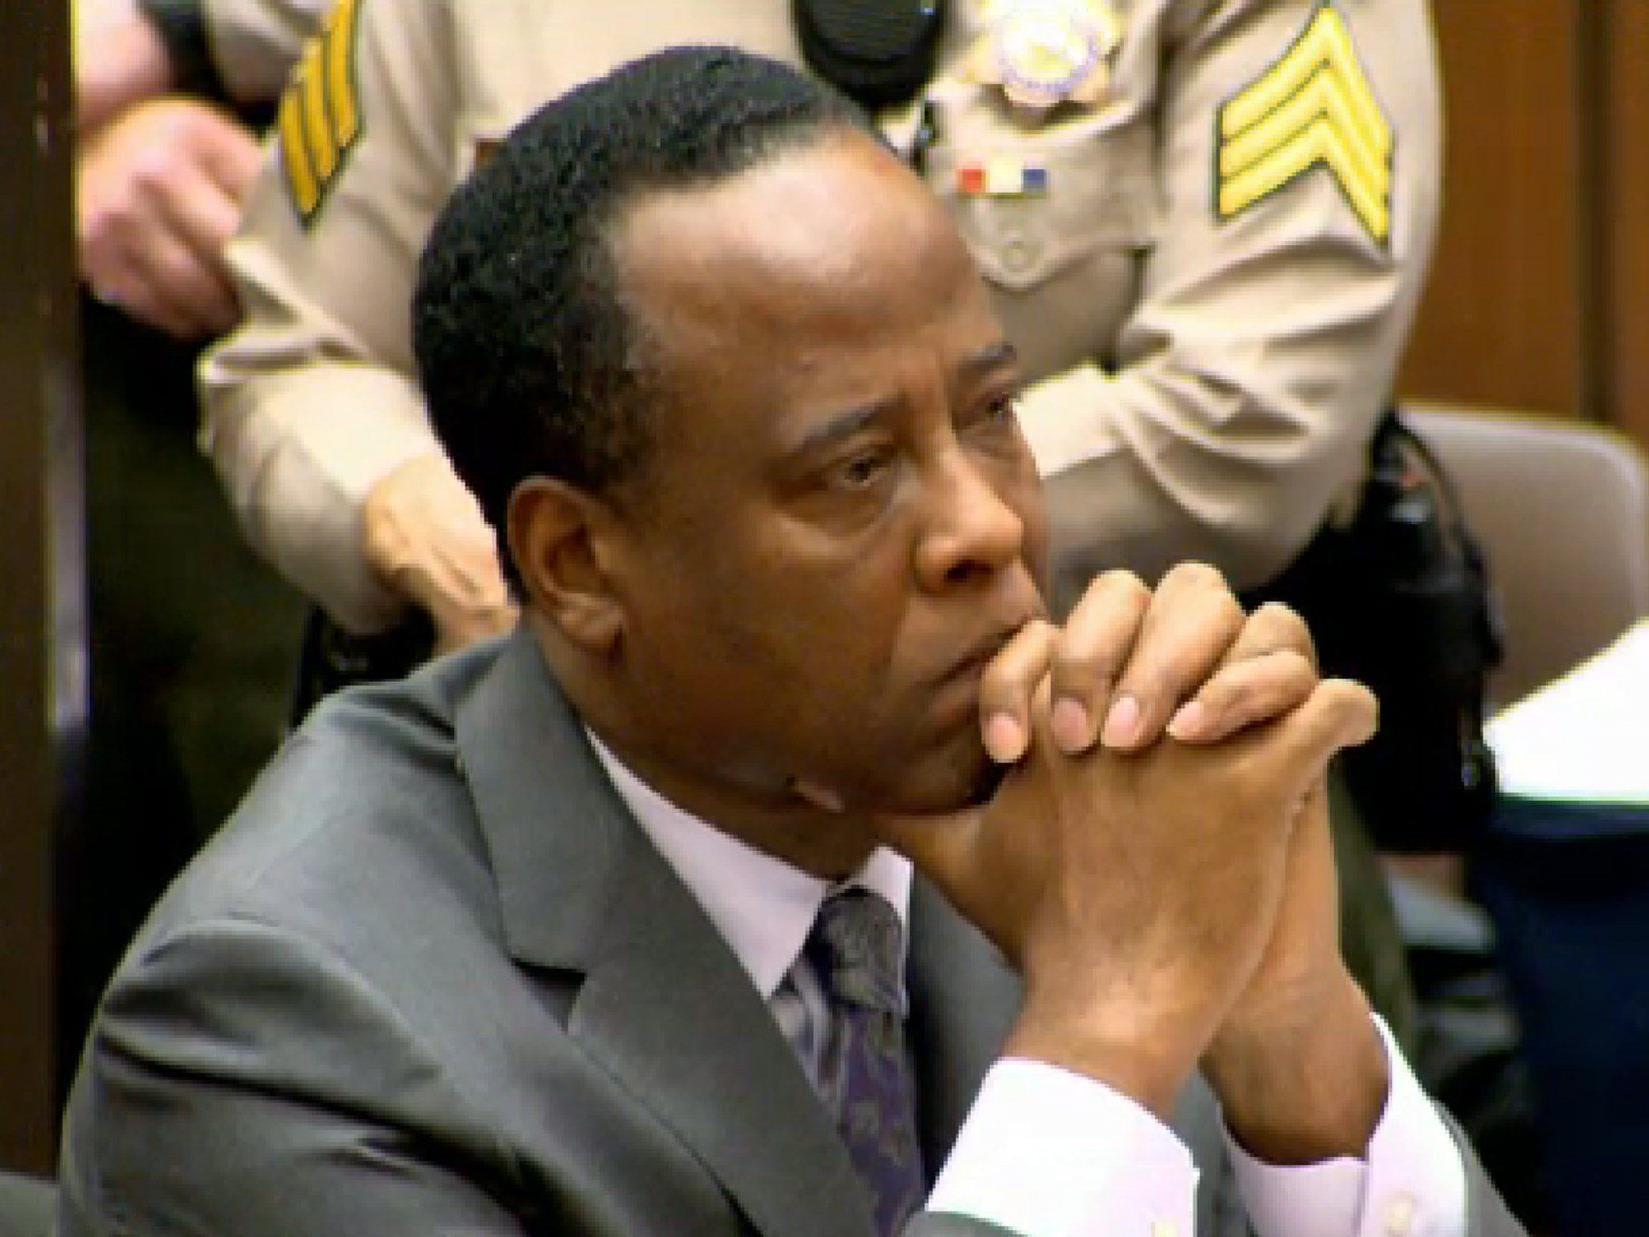 Conrad Murray wurde im November vergangenen Jahres wegen fahrlässiger Tötung verurteilt.